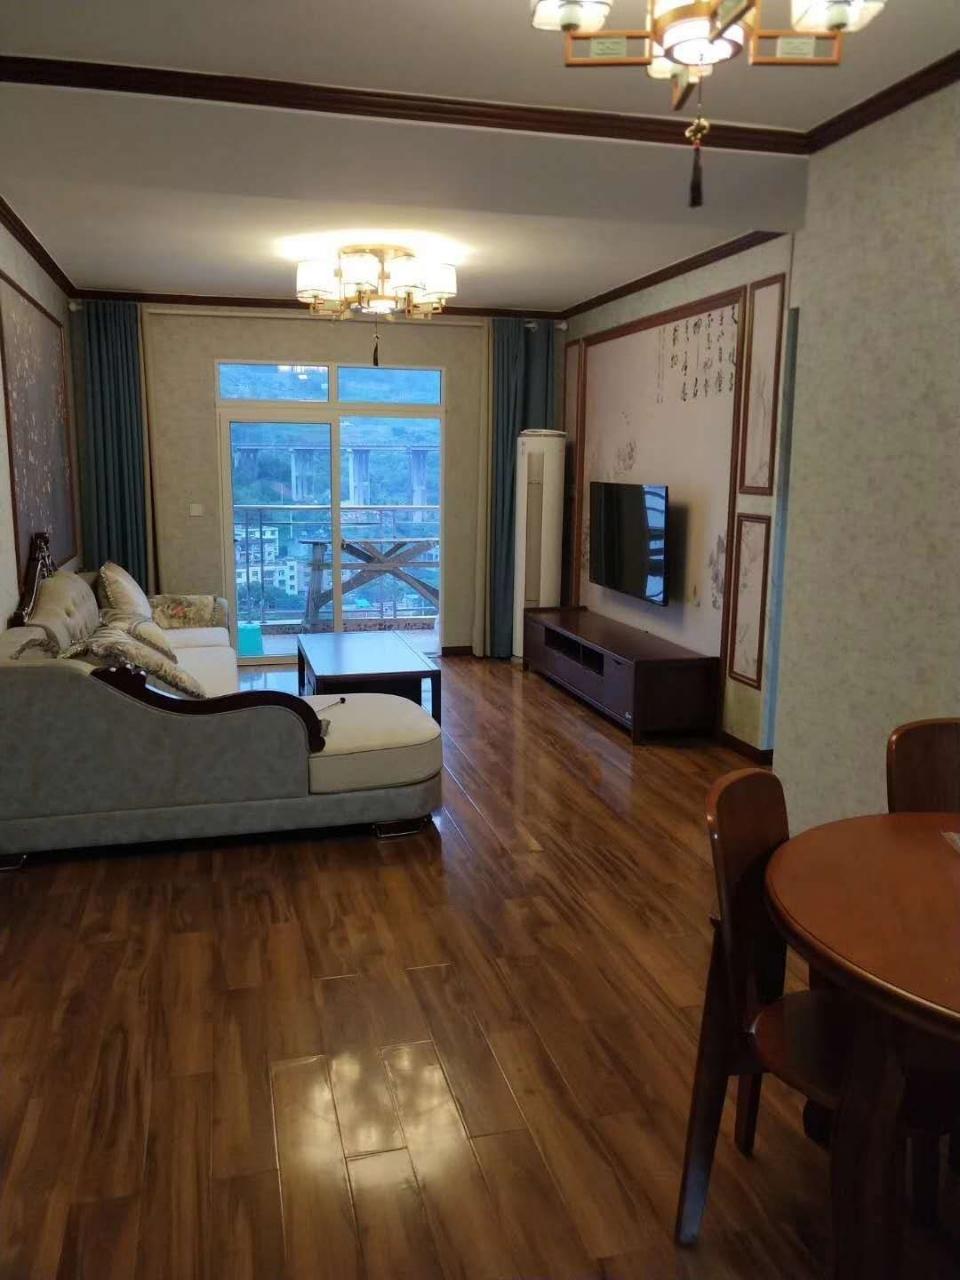 世纪五龙城3室 2厅 2卫80万元